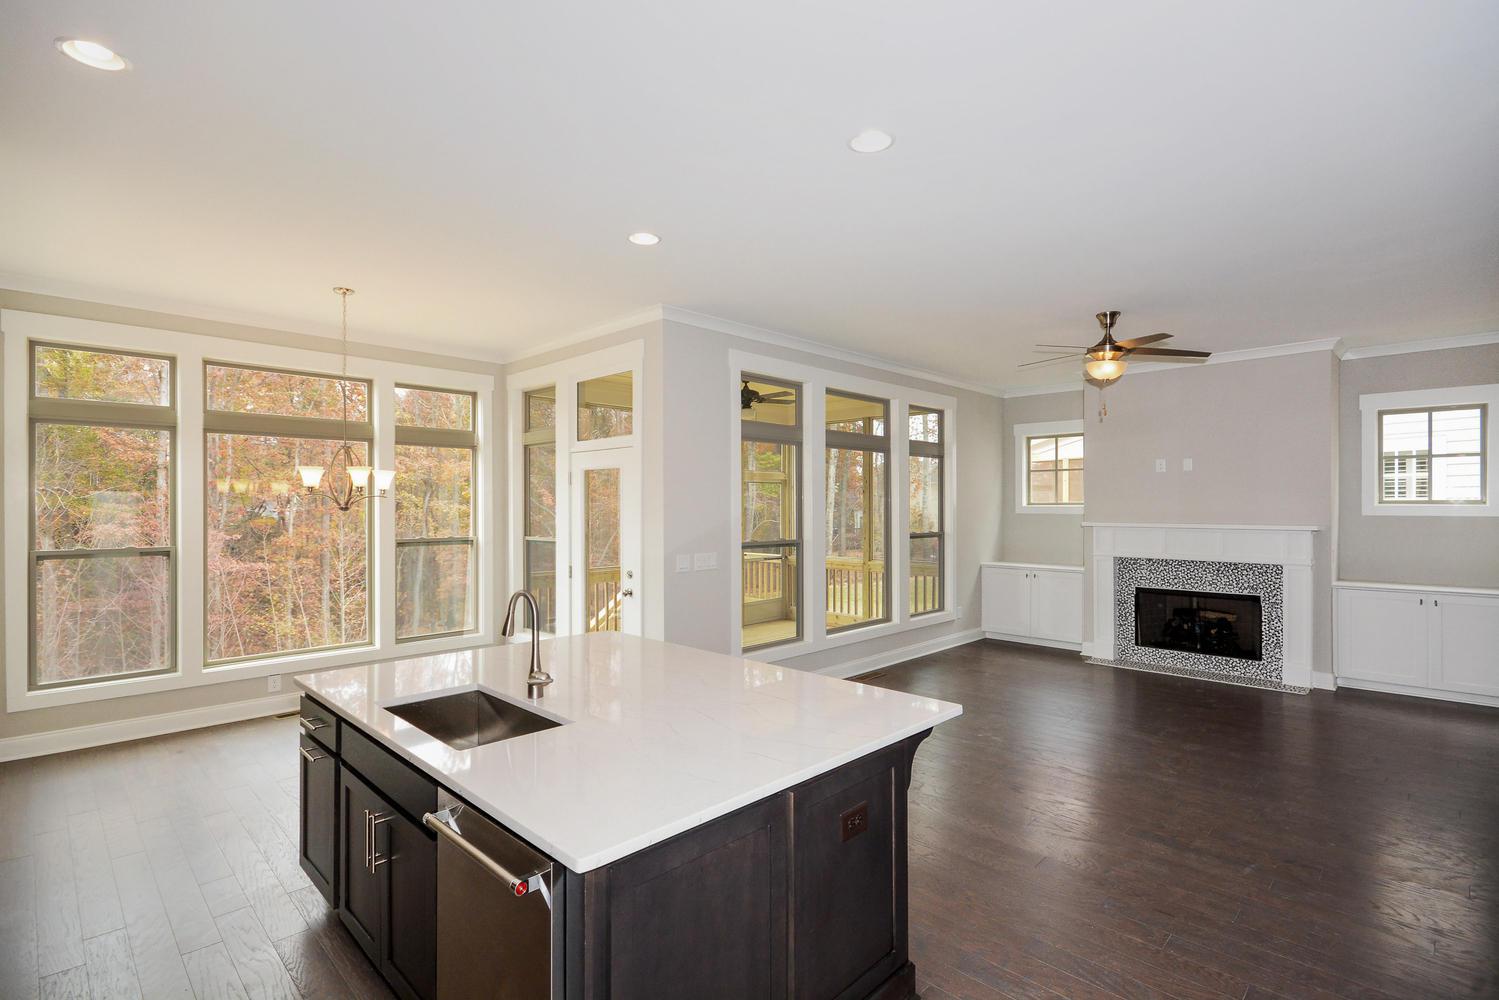 Dunes West Homes For Sale - 2919 Eddy, Mount Pleasant, SC - 24